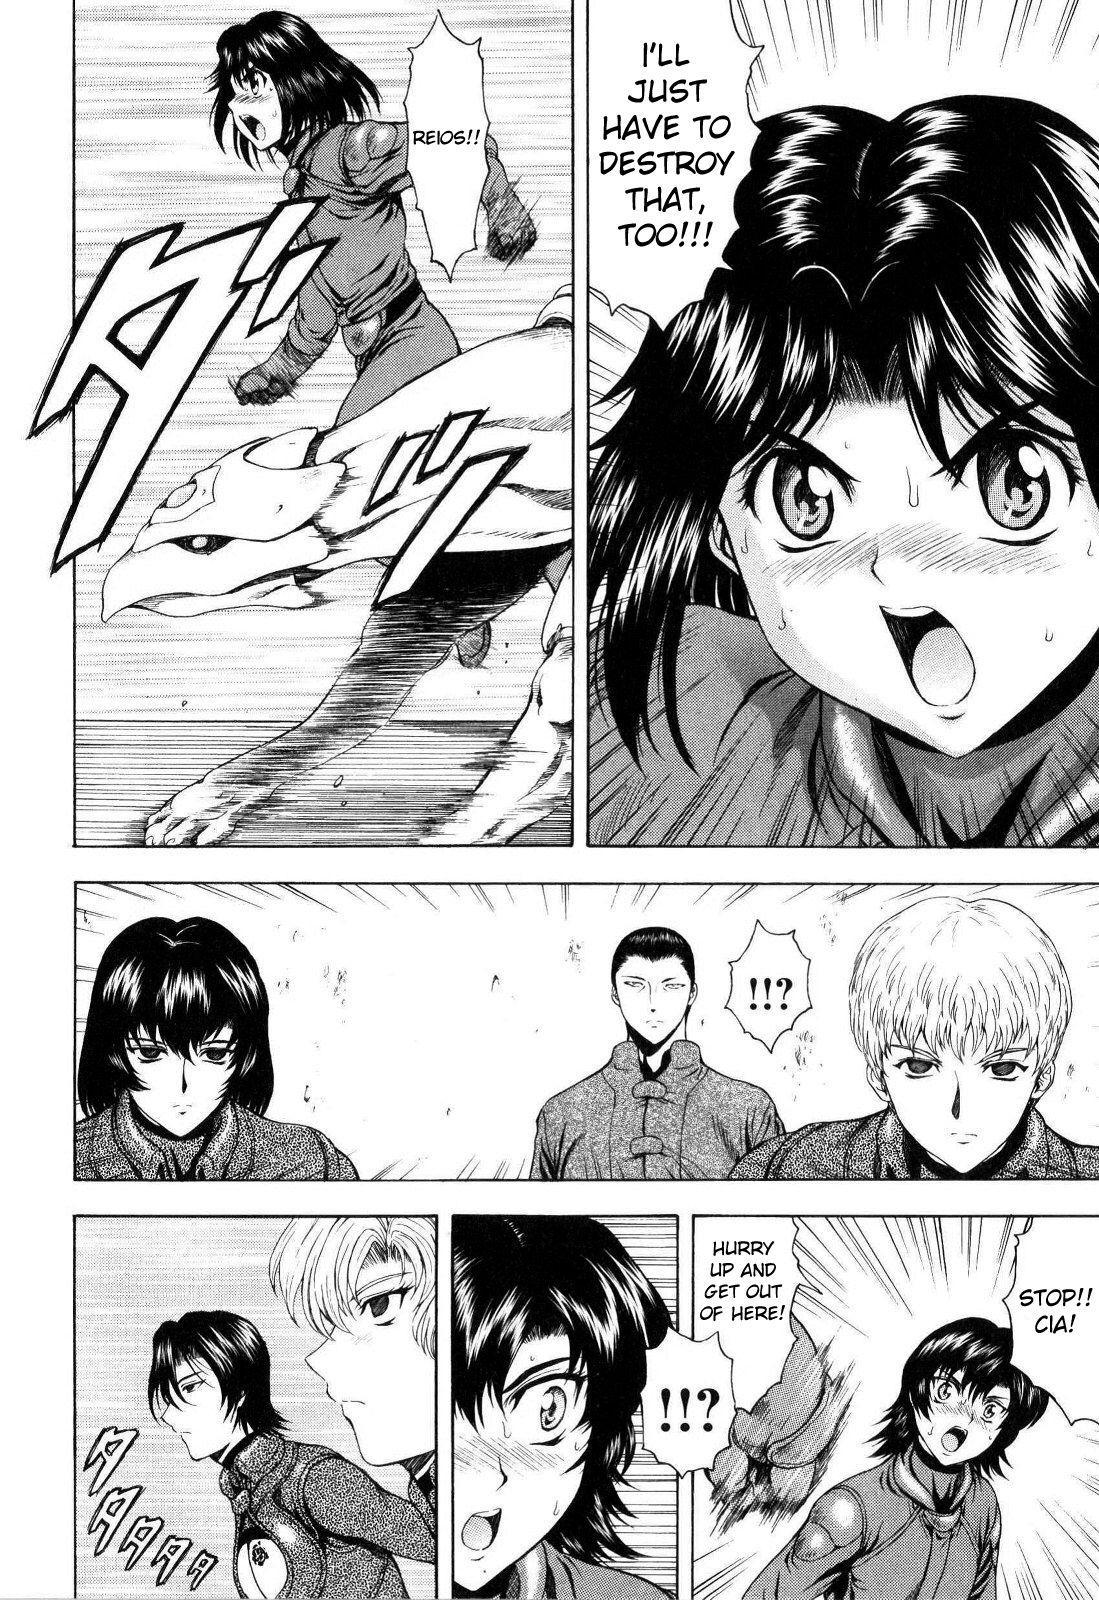 Ginryuu no Reimei   Dawn of the Silver Dragon Vol. 4 62